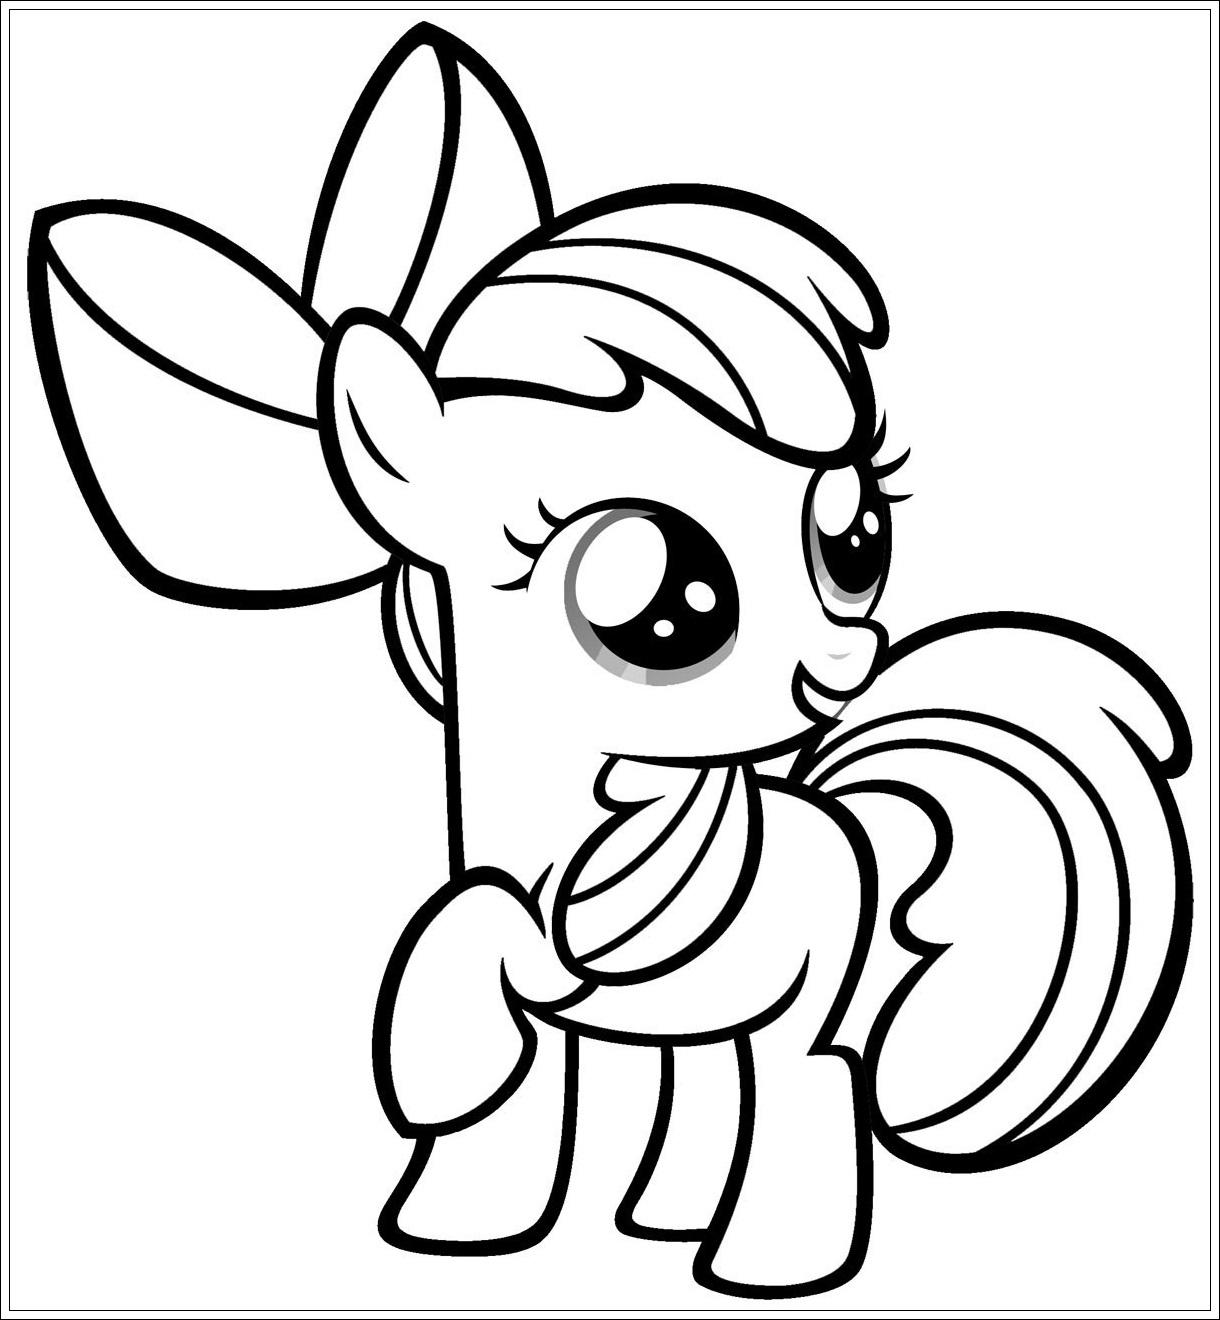 Ausmalbilder My Little Pony Zum Ausdrucken - Malvorlagen Für über My Little Pony Malvorlage